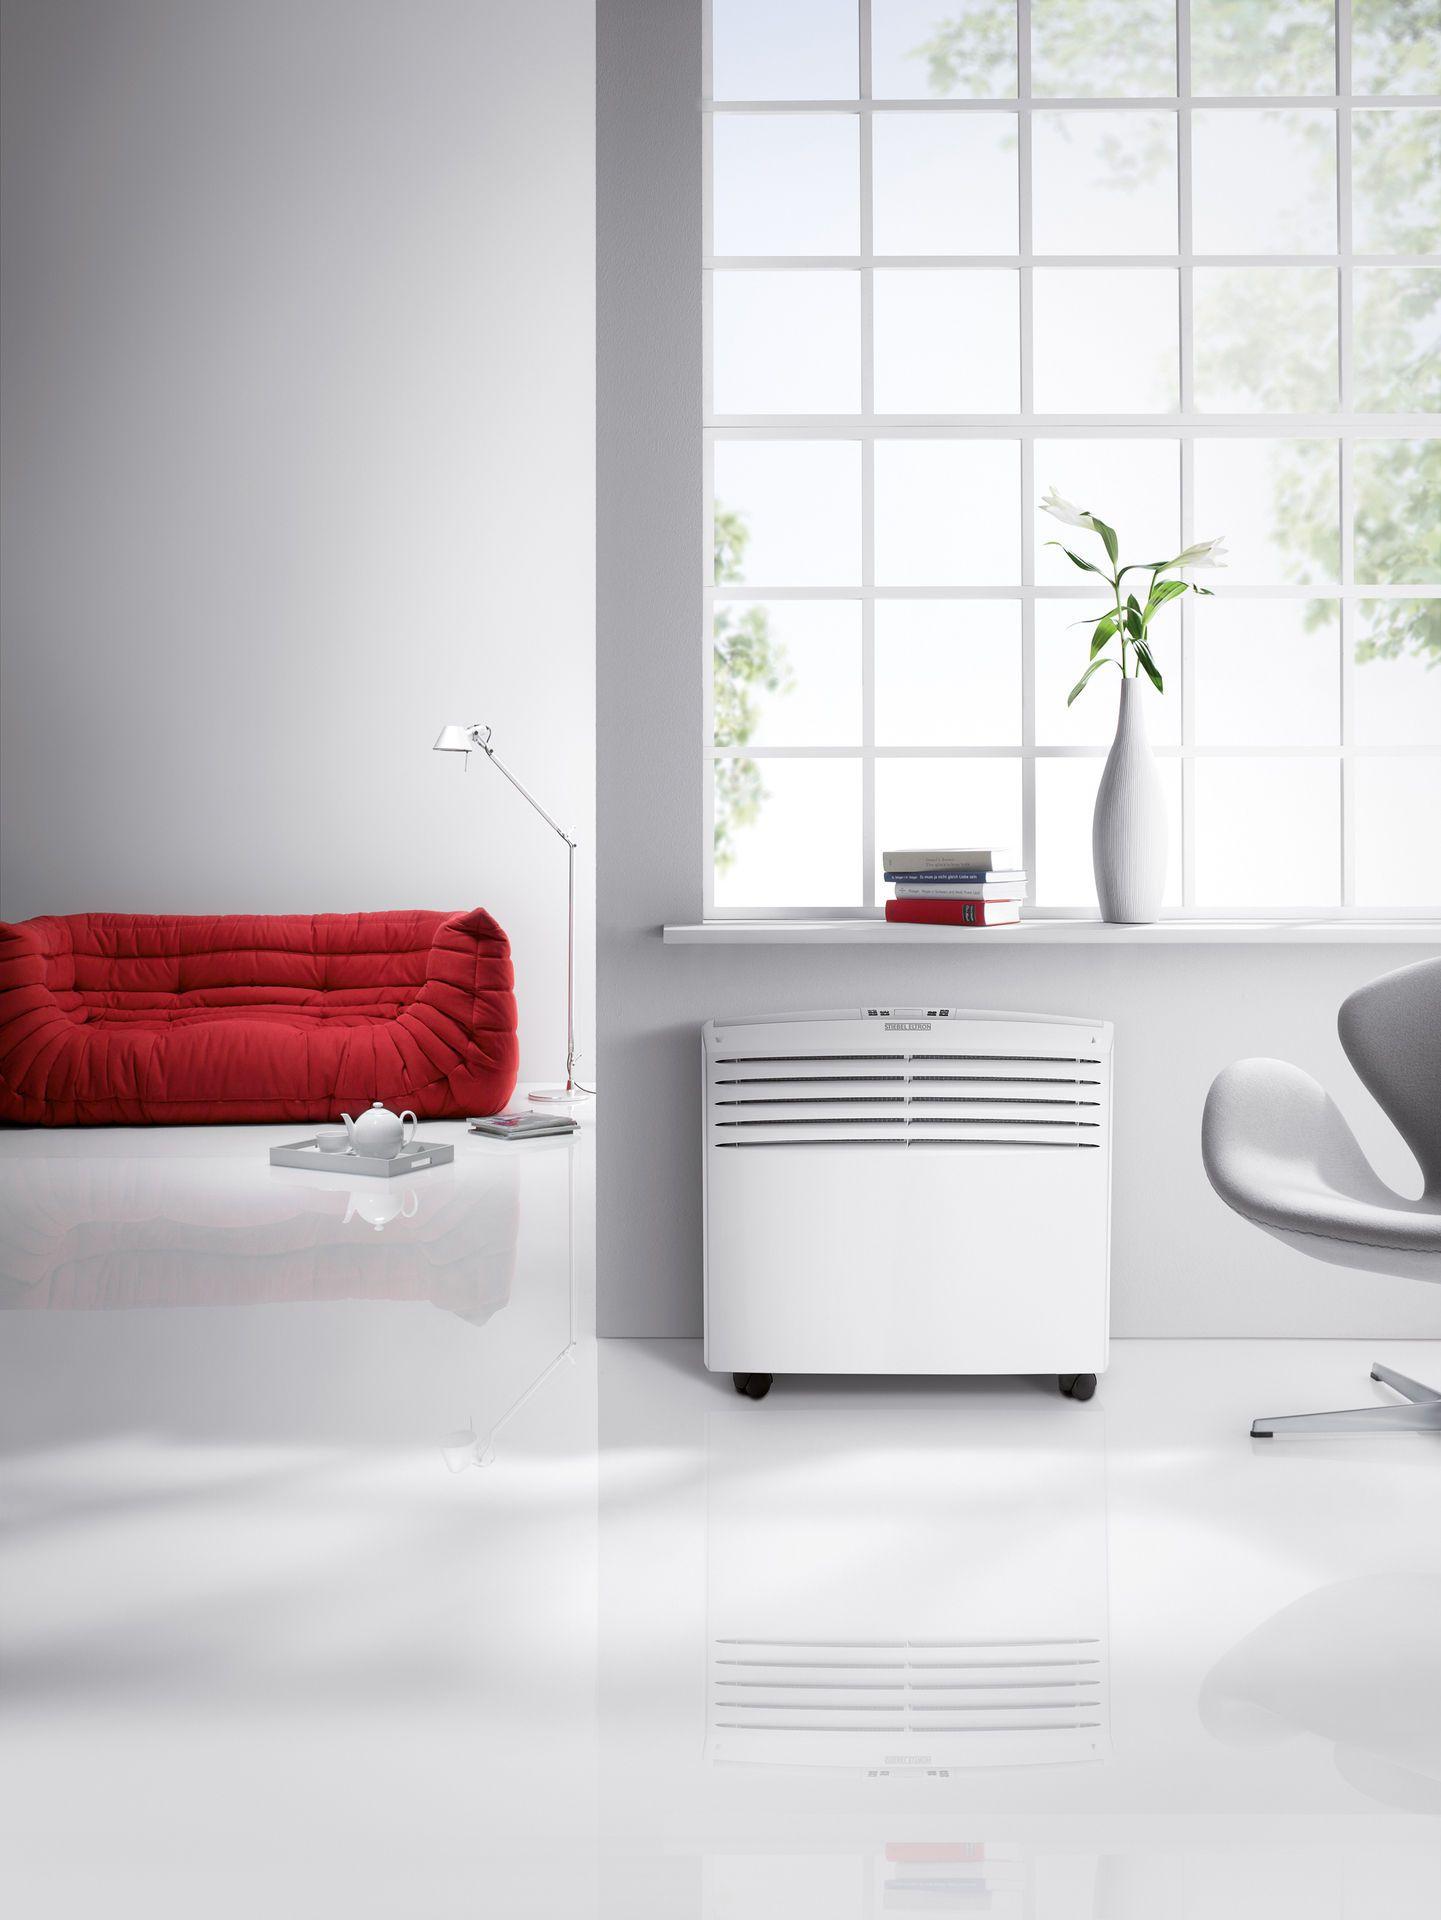 Klimaanlage im Haus: Lohnt sich das? - bauemotion.de